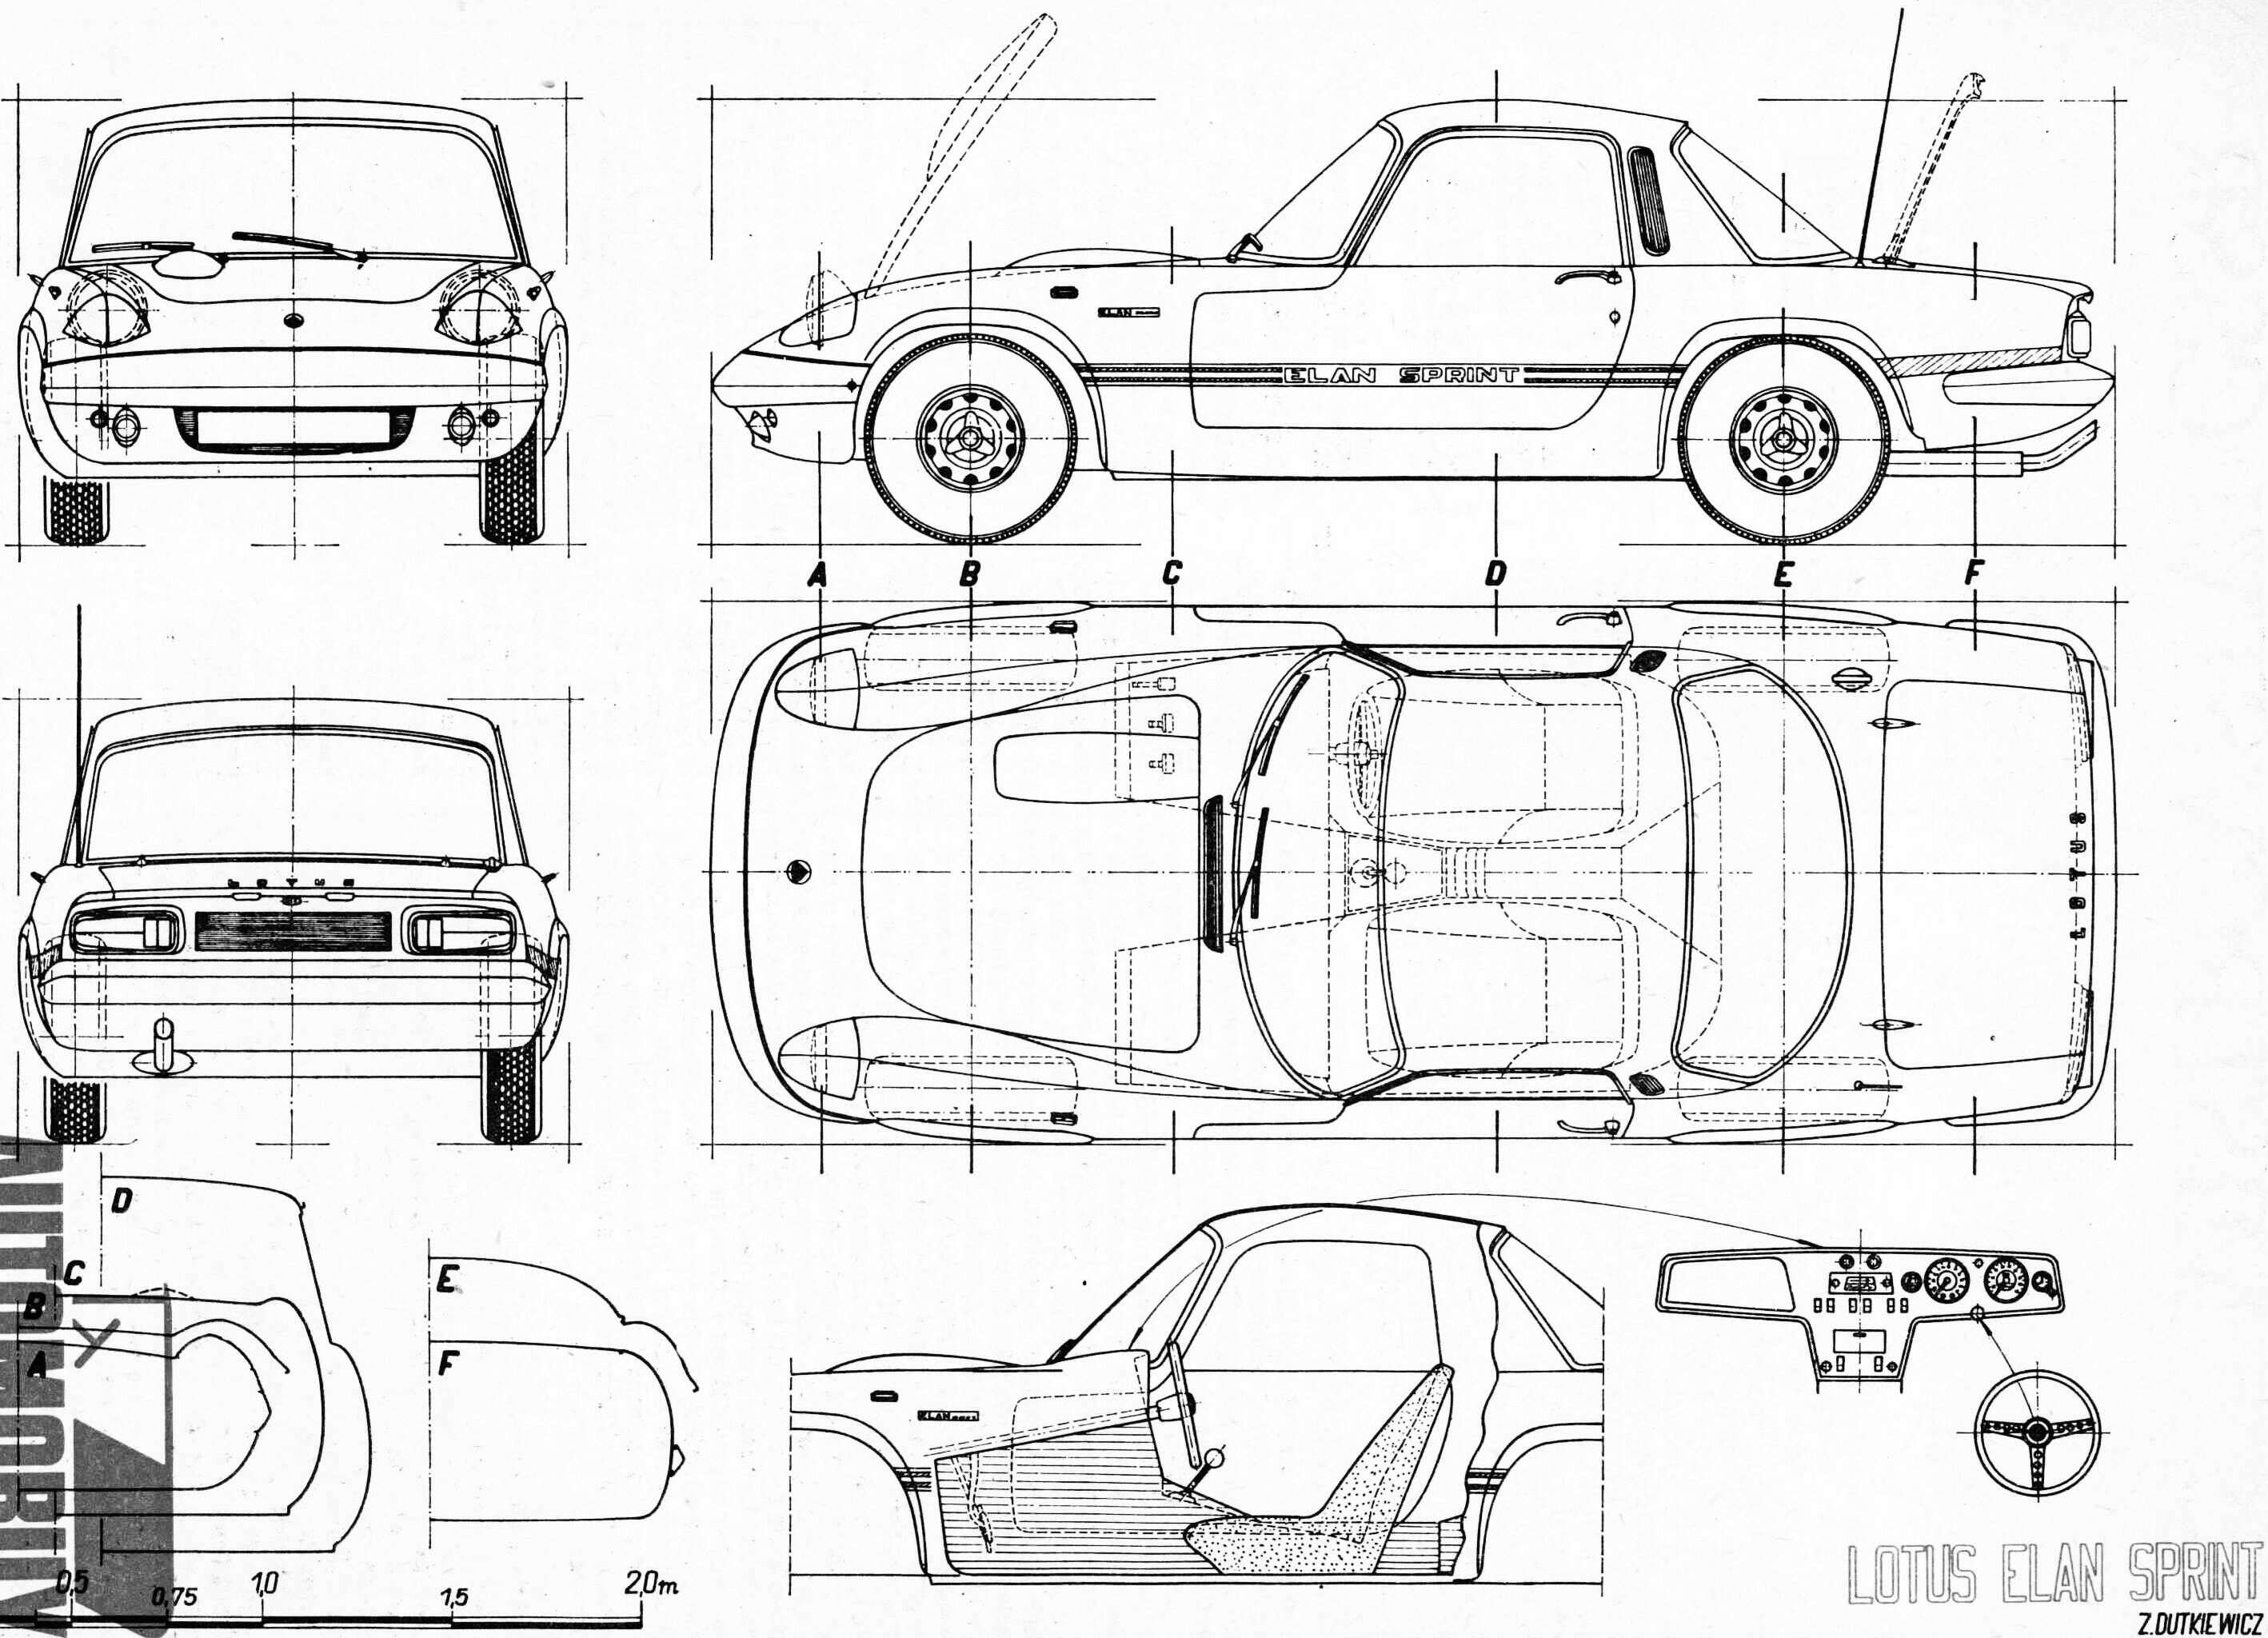 Lotus Elan Sprint blueprint